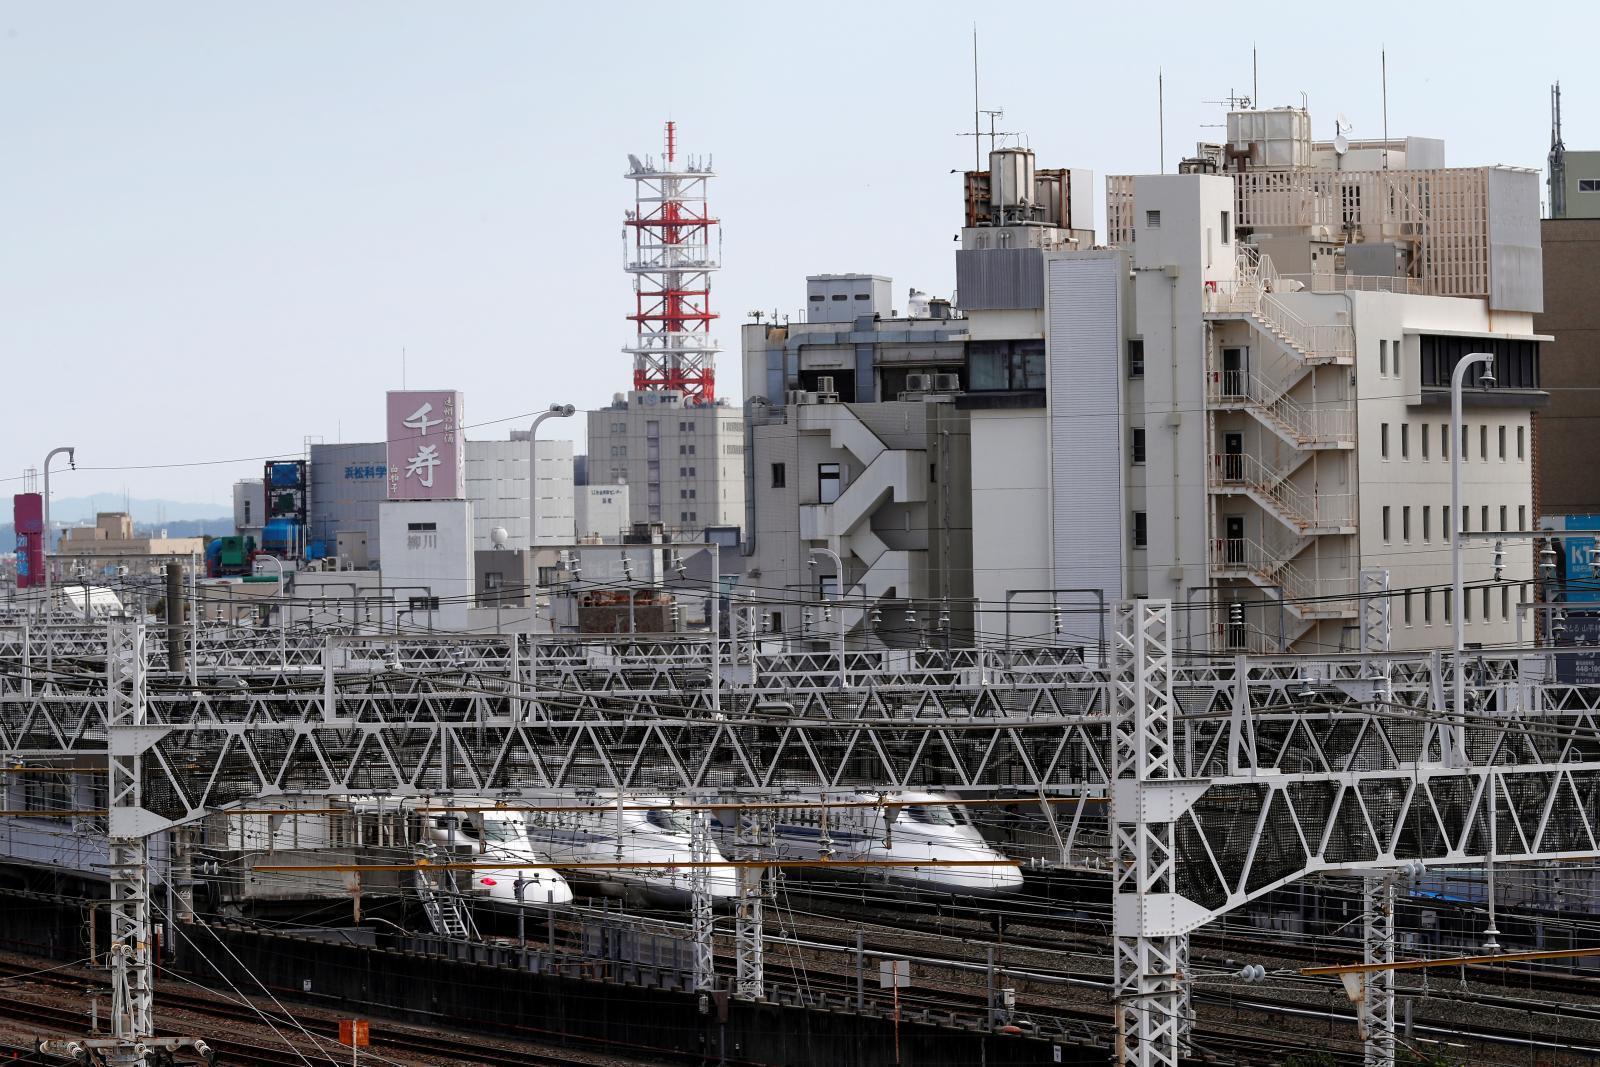 """ญี่ปุ่นเตรียมหยุด-ยกเลิก """"ระบบคมนาคมขนส่ง-ห้างสรรพสินค้า"""" รับมือซูเปอร์ไต้ฝุ่นฮากิบิส"""